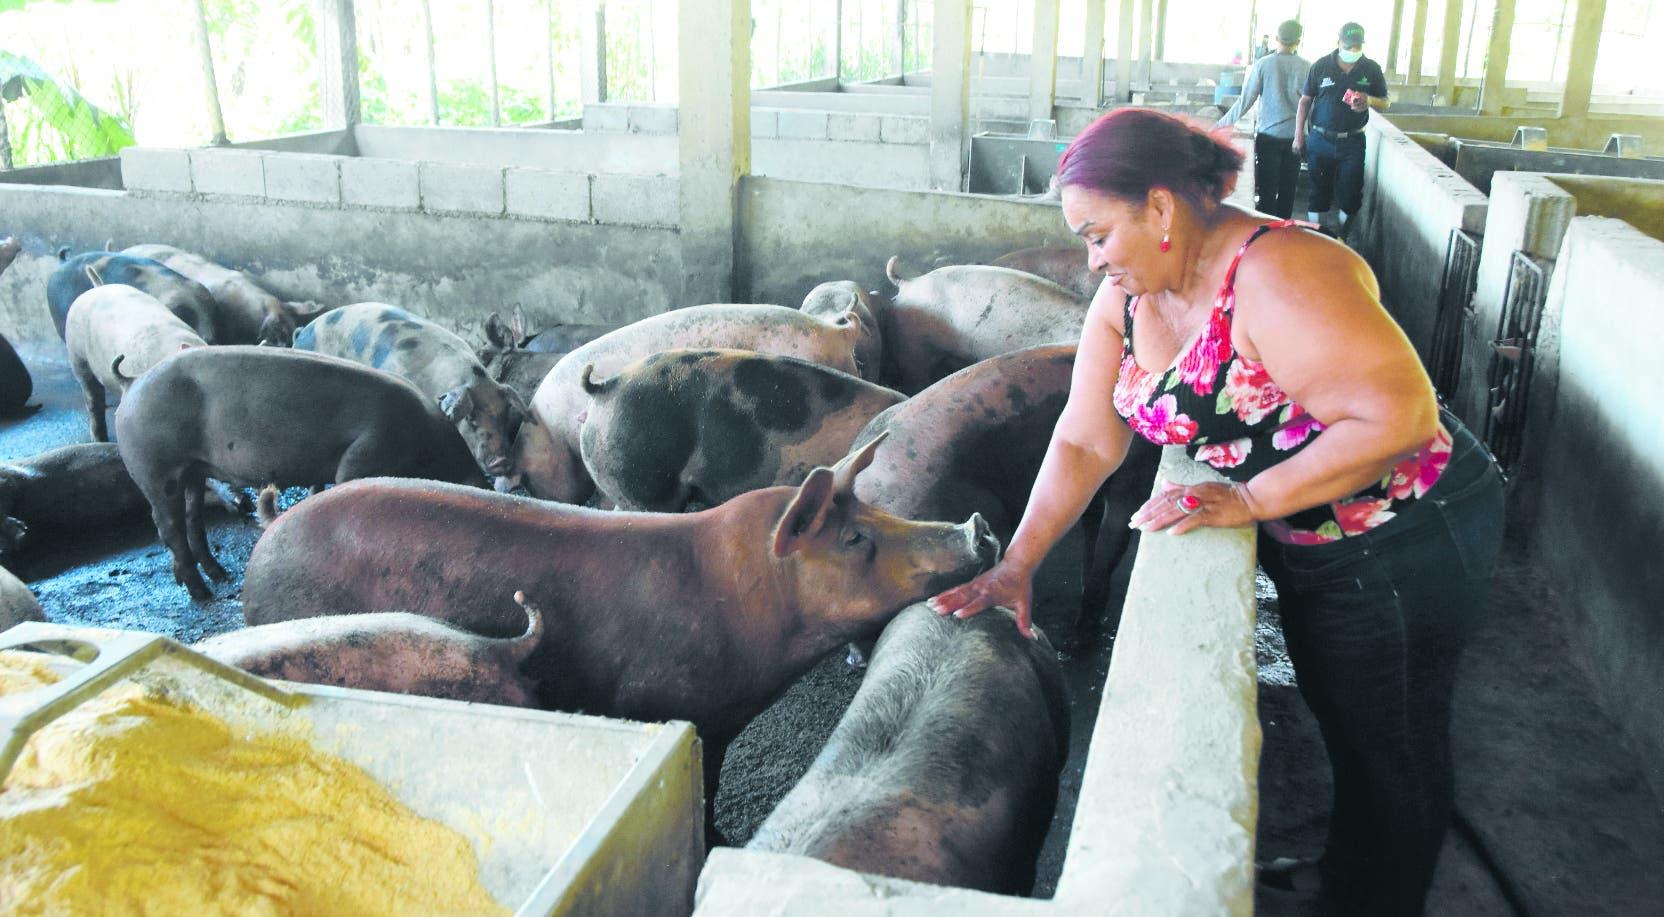 Fiebre porcina: Productores no saben cuánto les pagará el Gobierno por sacrificar animales